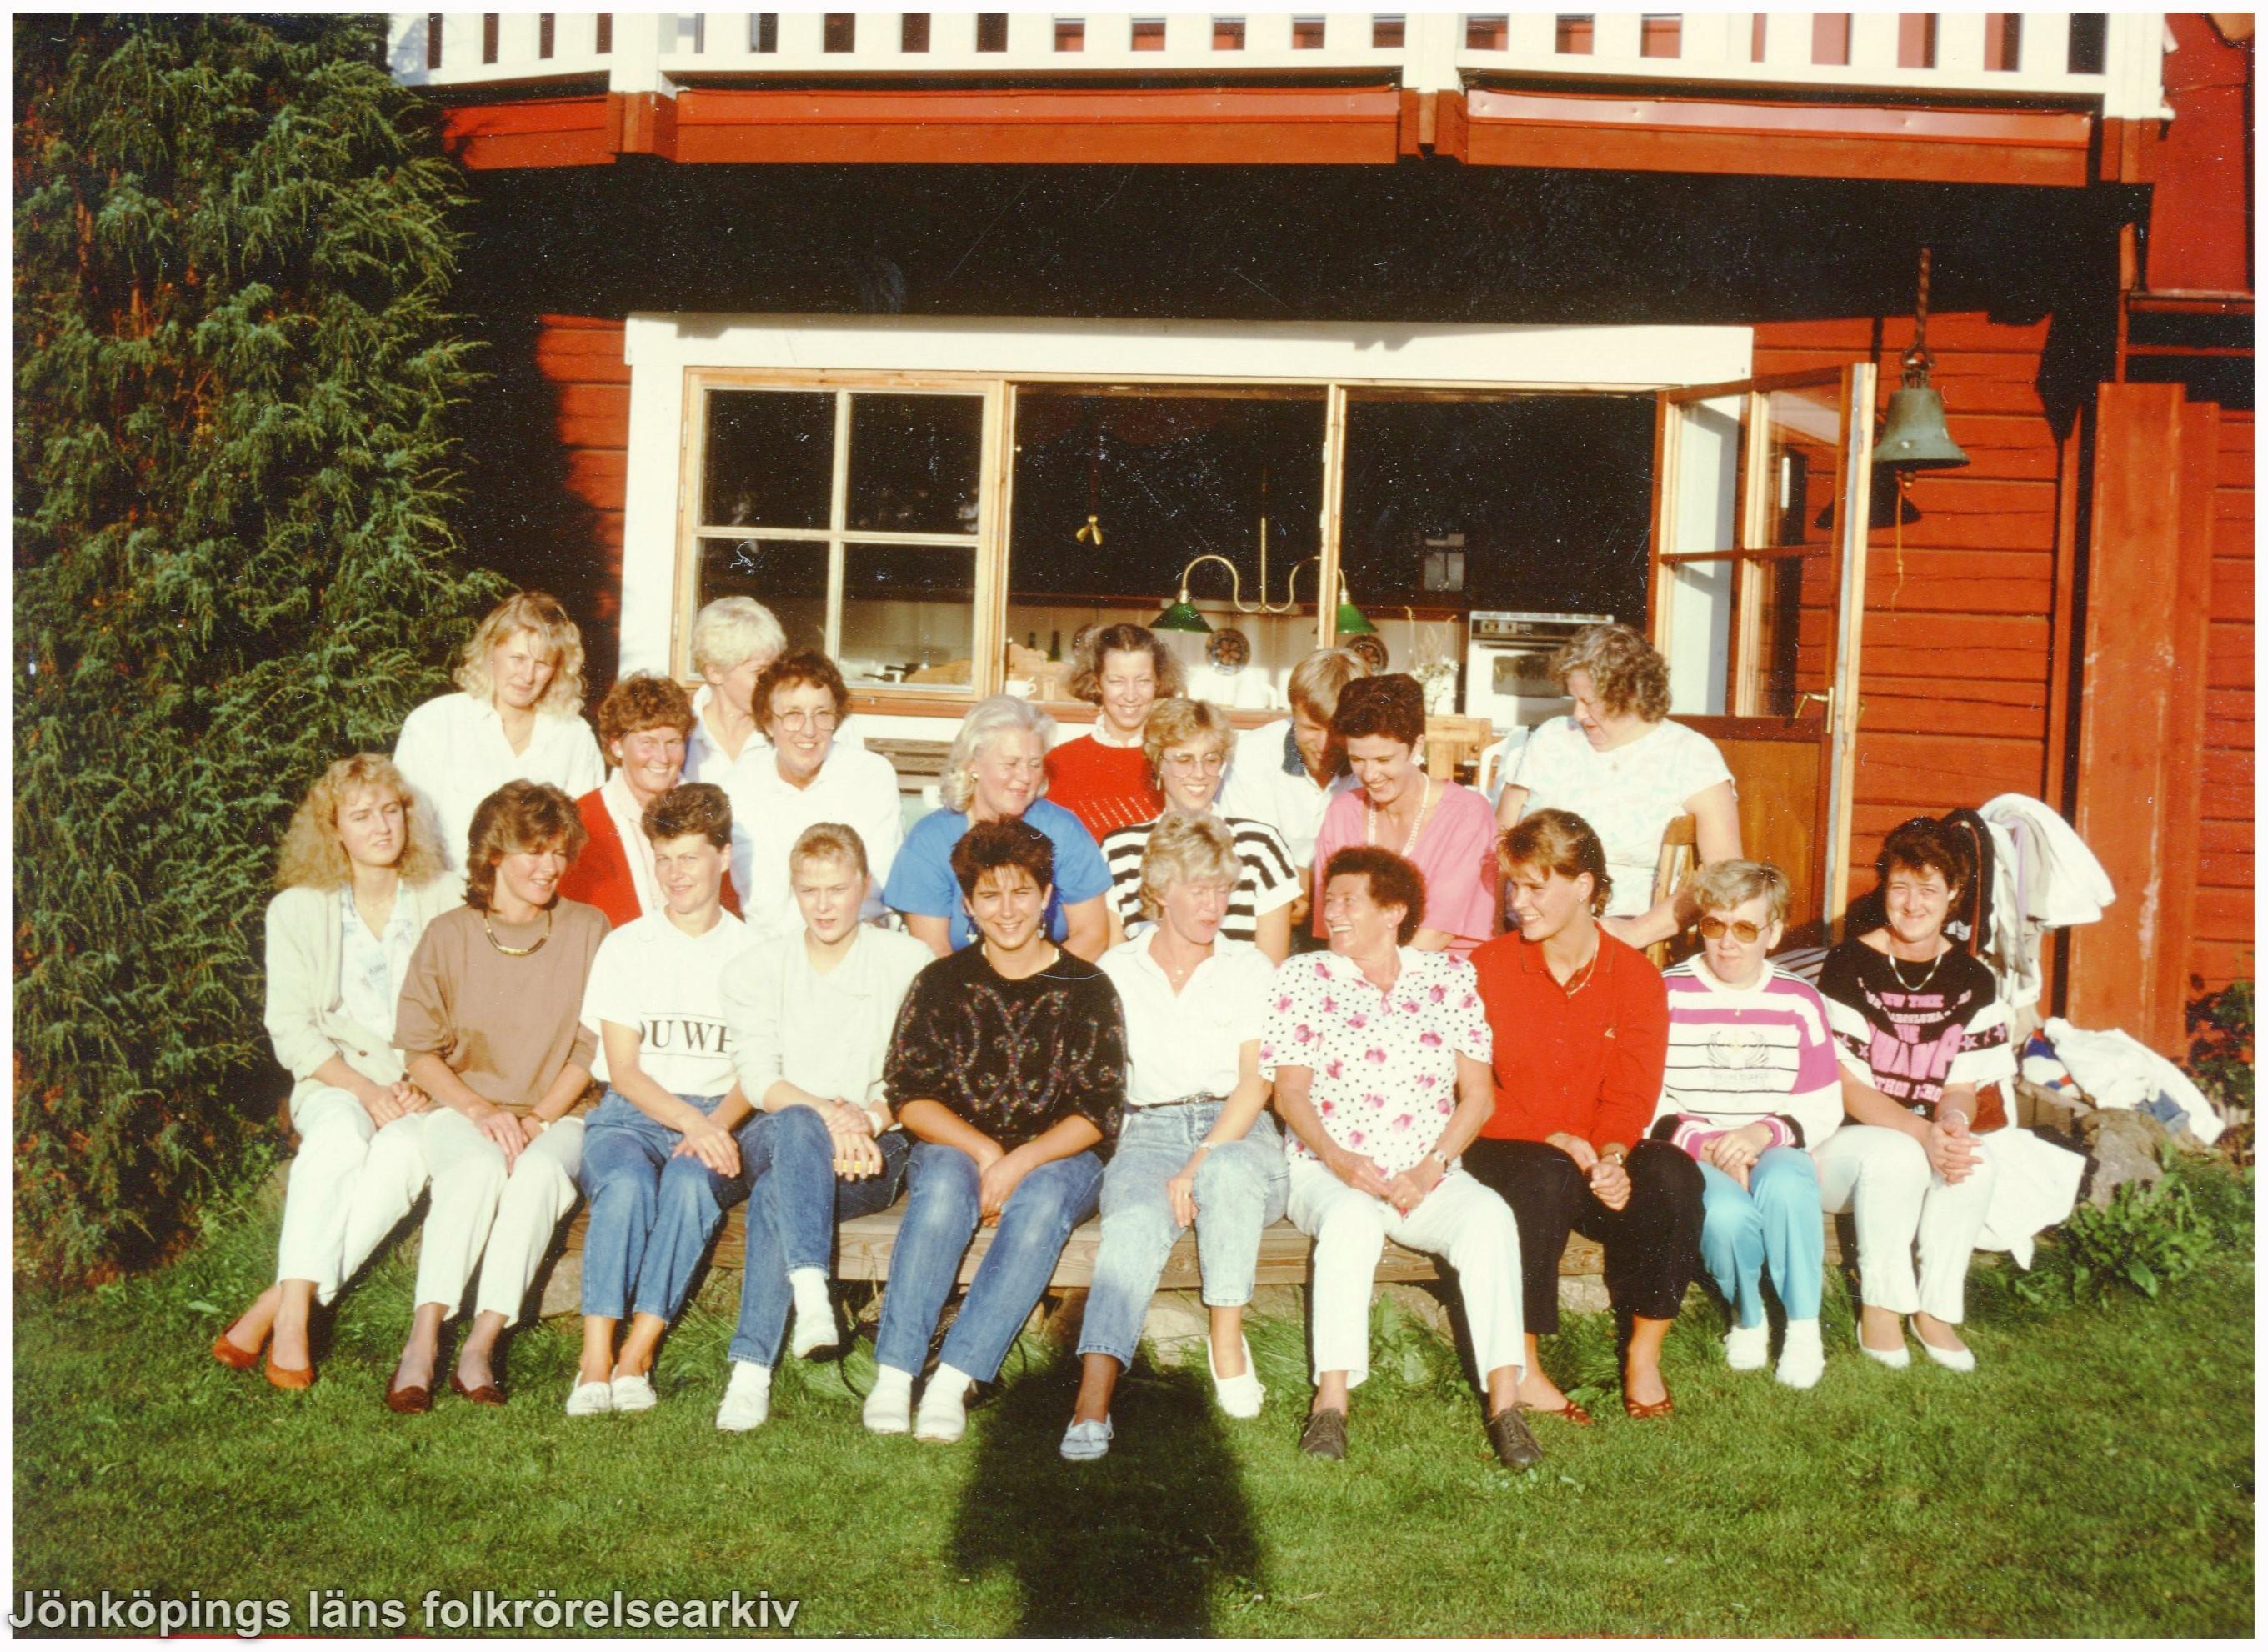 Ett tjugotal människor sitter vid en röd stuga.